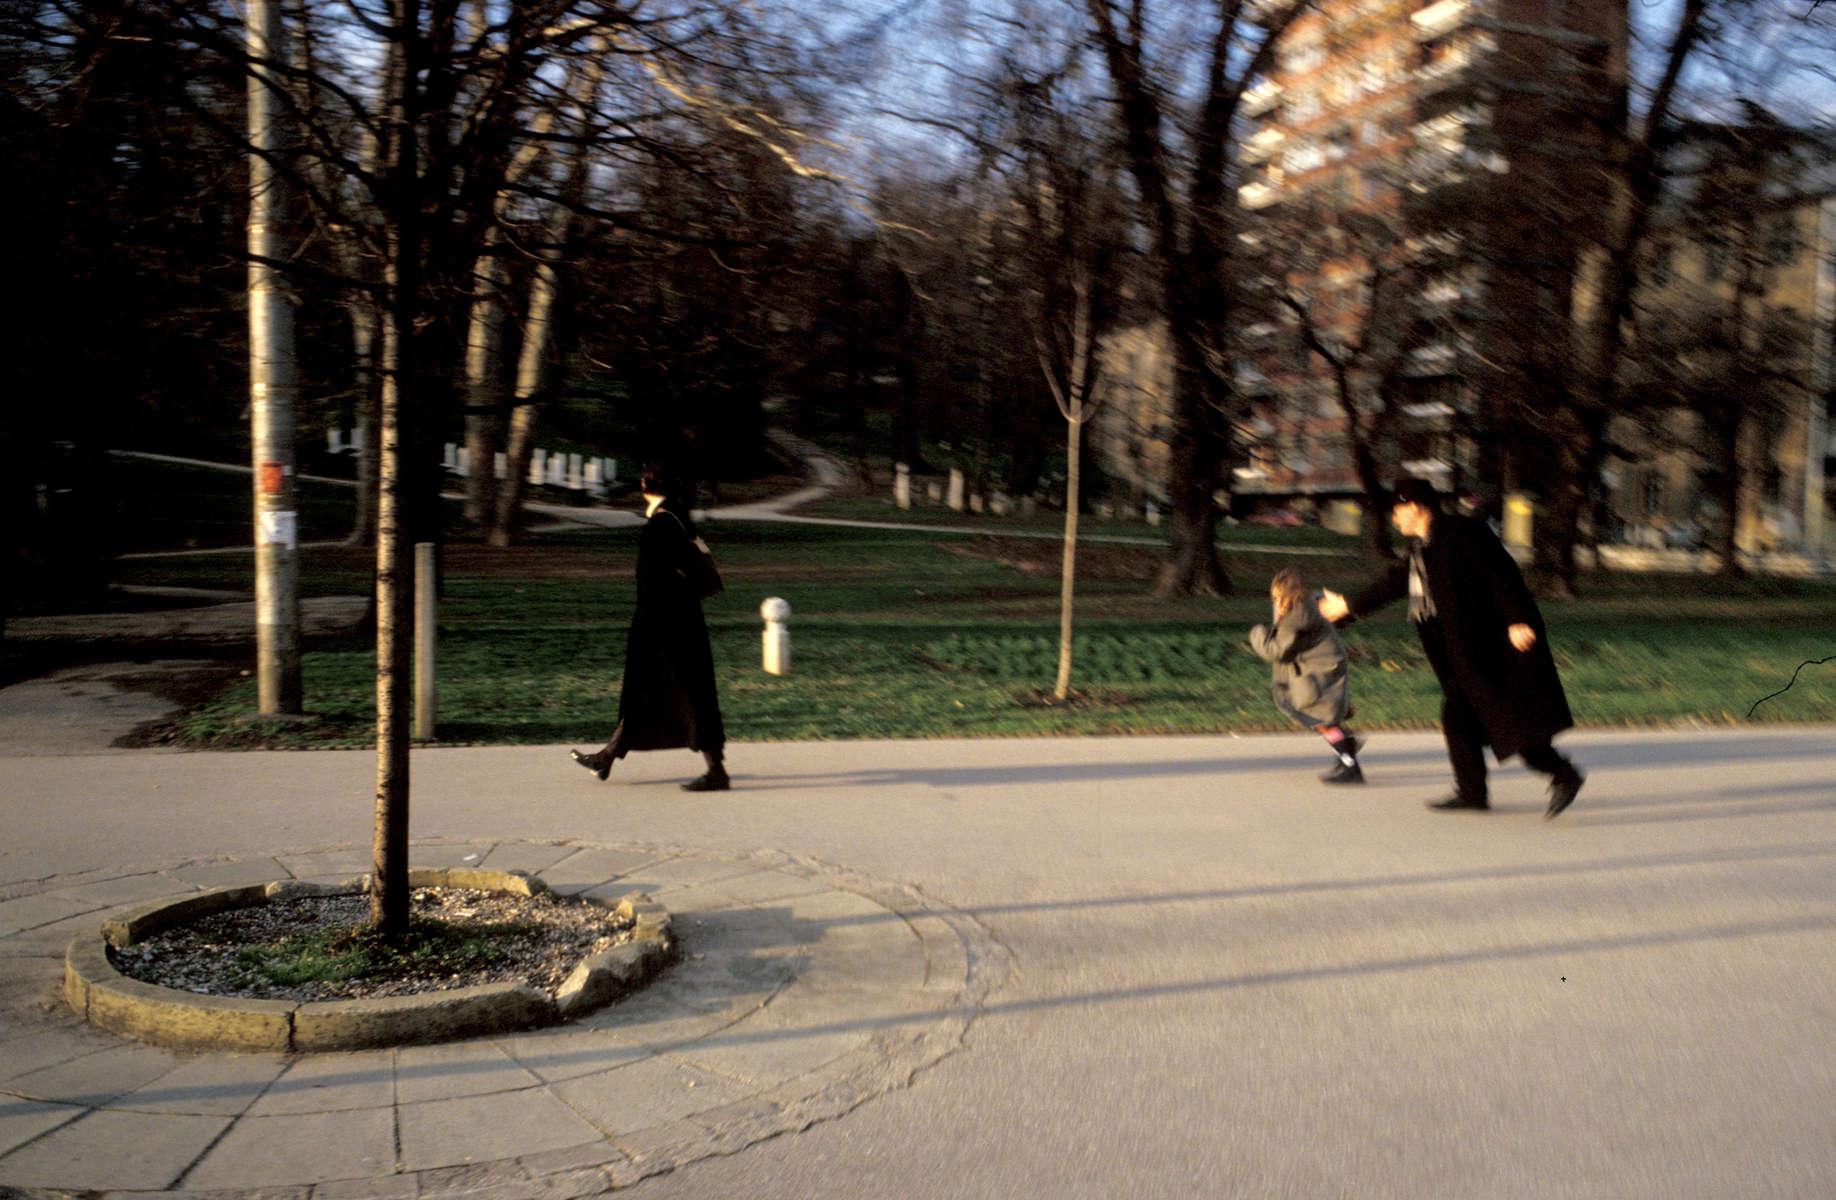 Street scene, Sarajevo. March 2004.